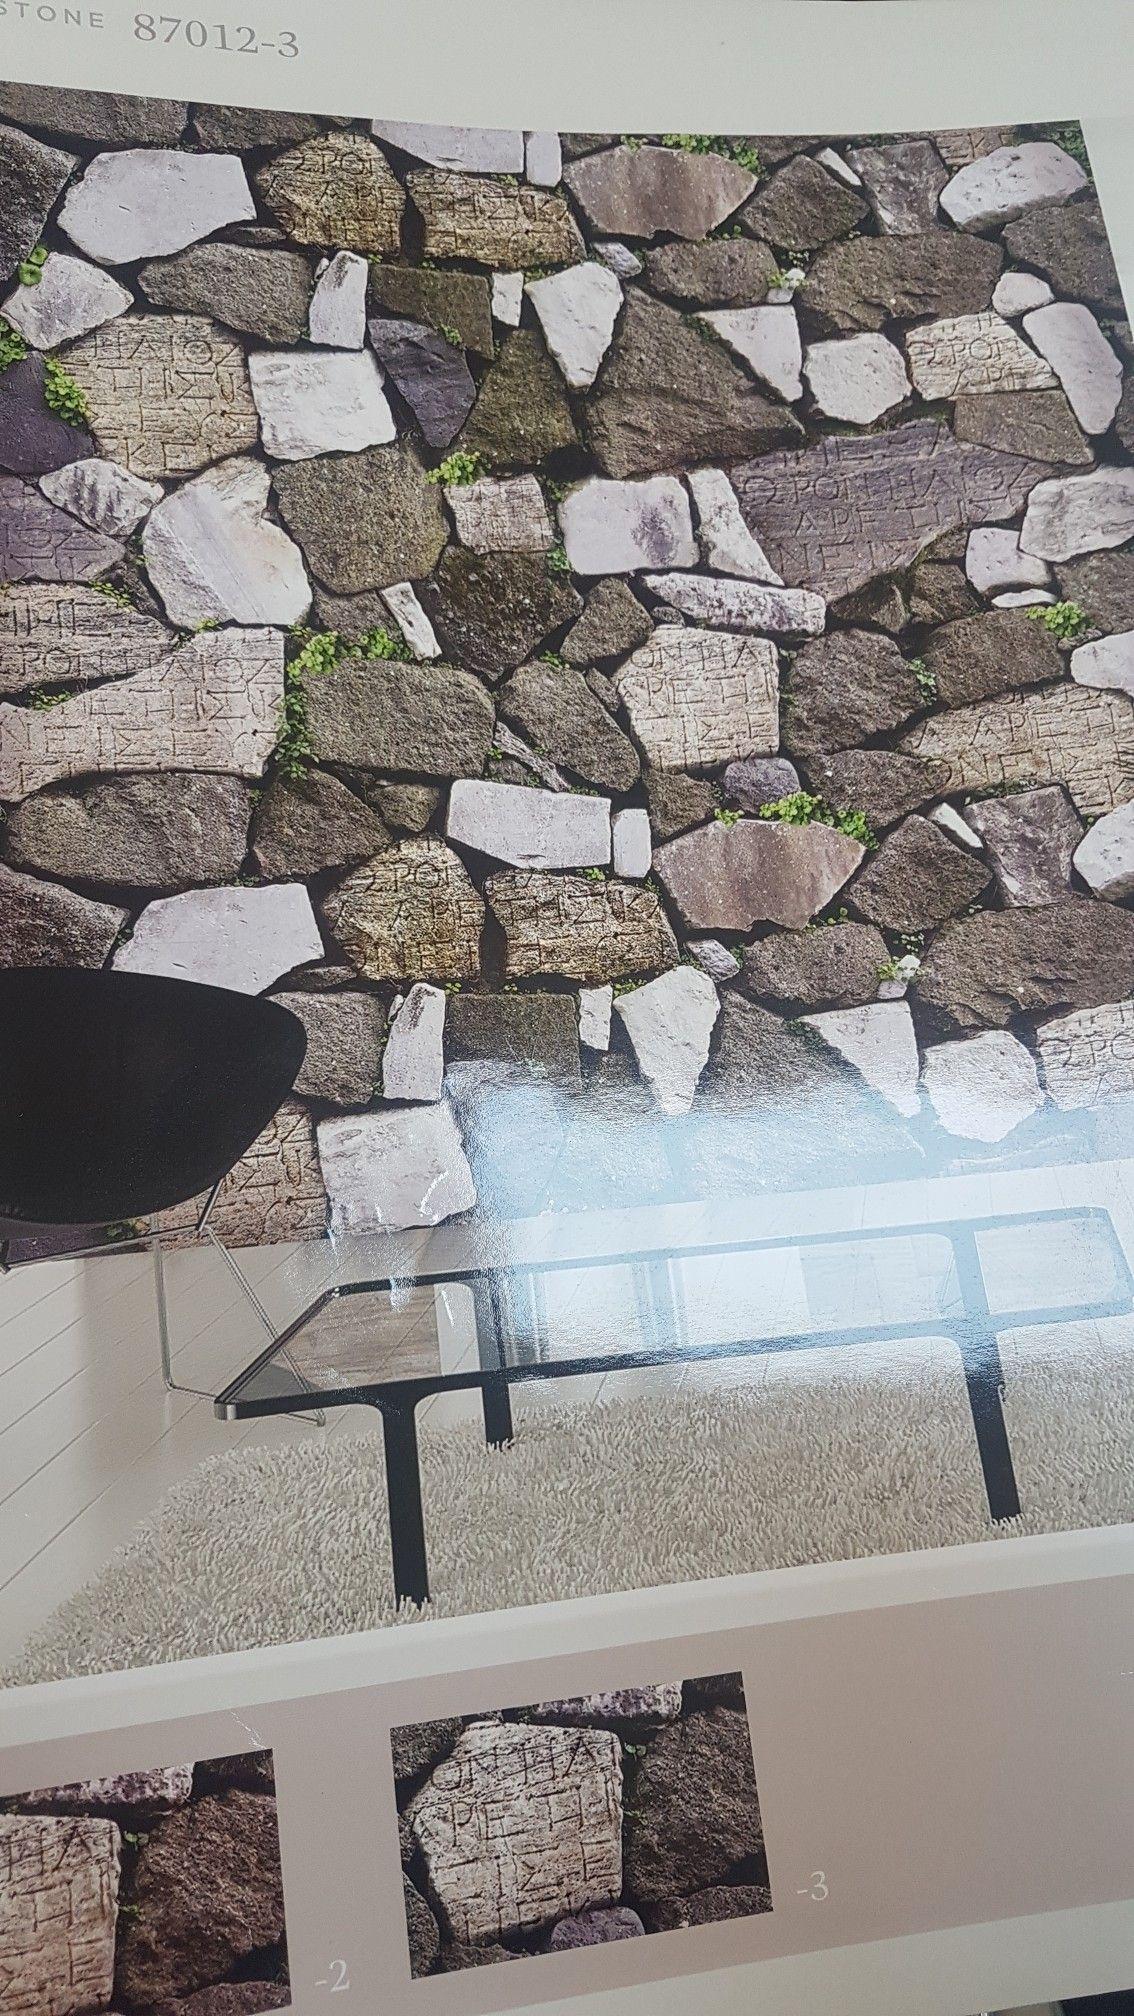 محمود الجاسم للتعهدات والديكور في لبنان للتواصل الاتصال بالرقم 0096171170181 تعهدات ديكورات شركة تنفيذ ديكورات عامة داخلي تنفيذ Outdoor Decor Home Decor Decor